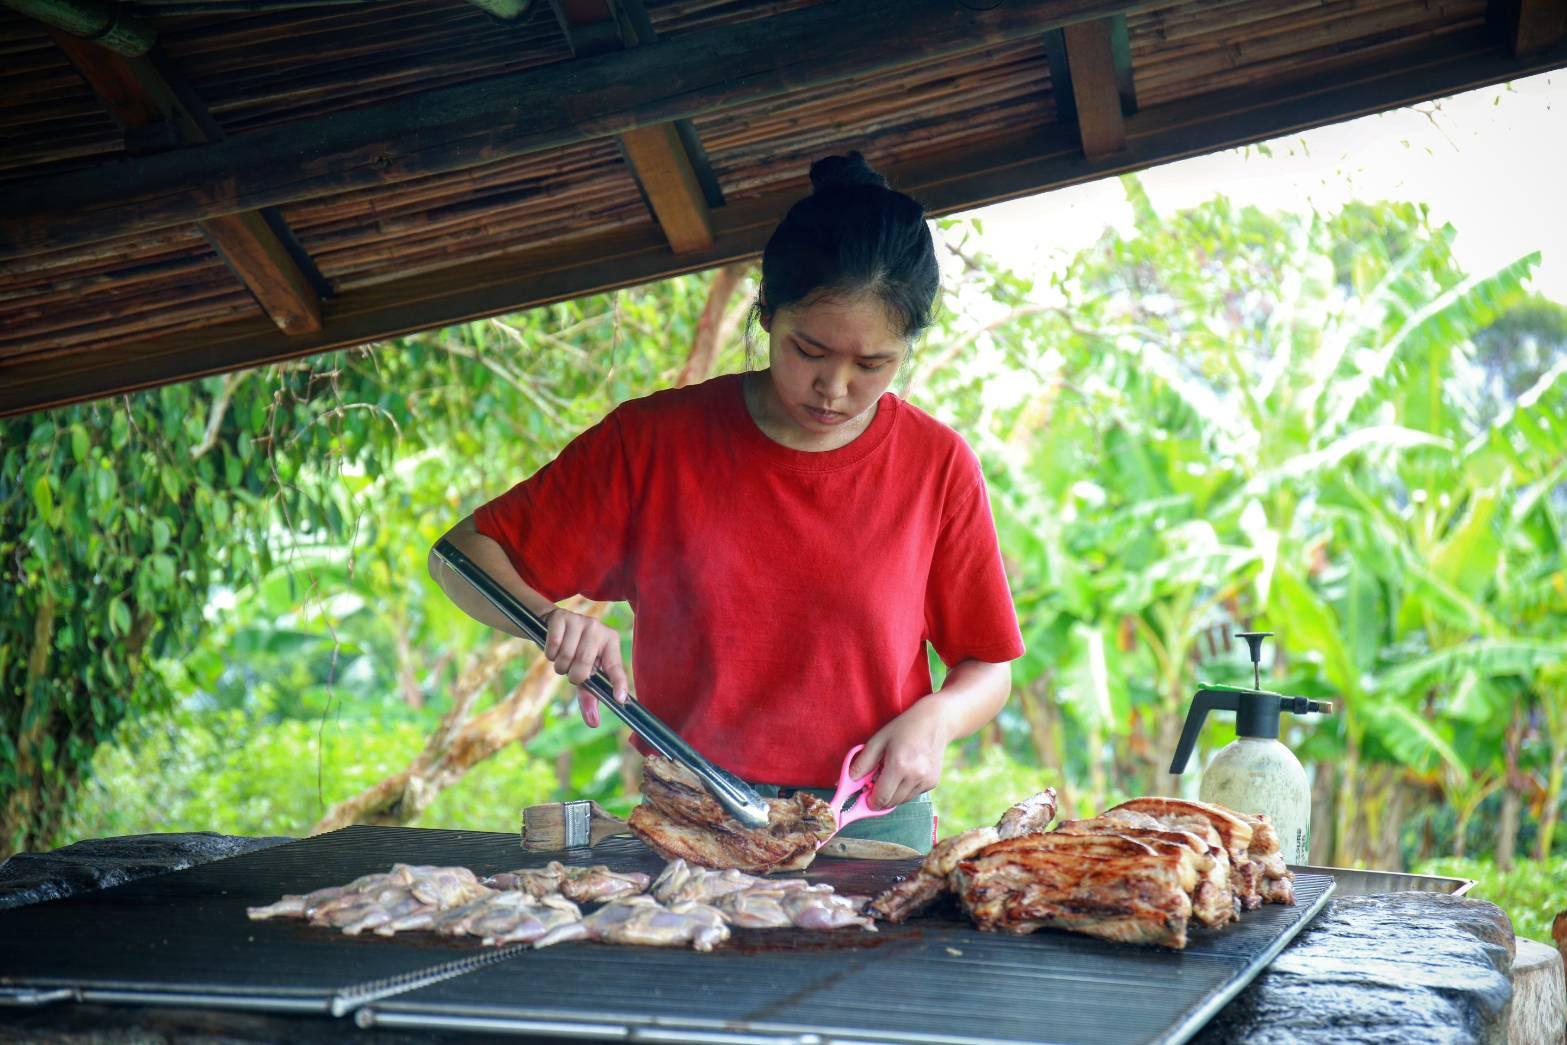 部落青年在學校學習餐飲經驗,並在家鄉一展長才,為餐桌添加美味料理。陳心慈攝影